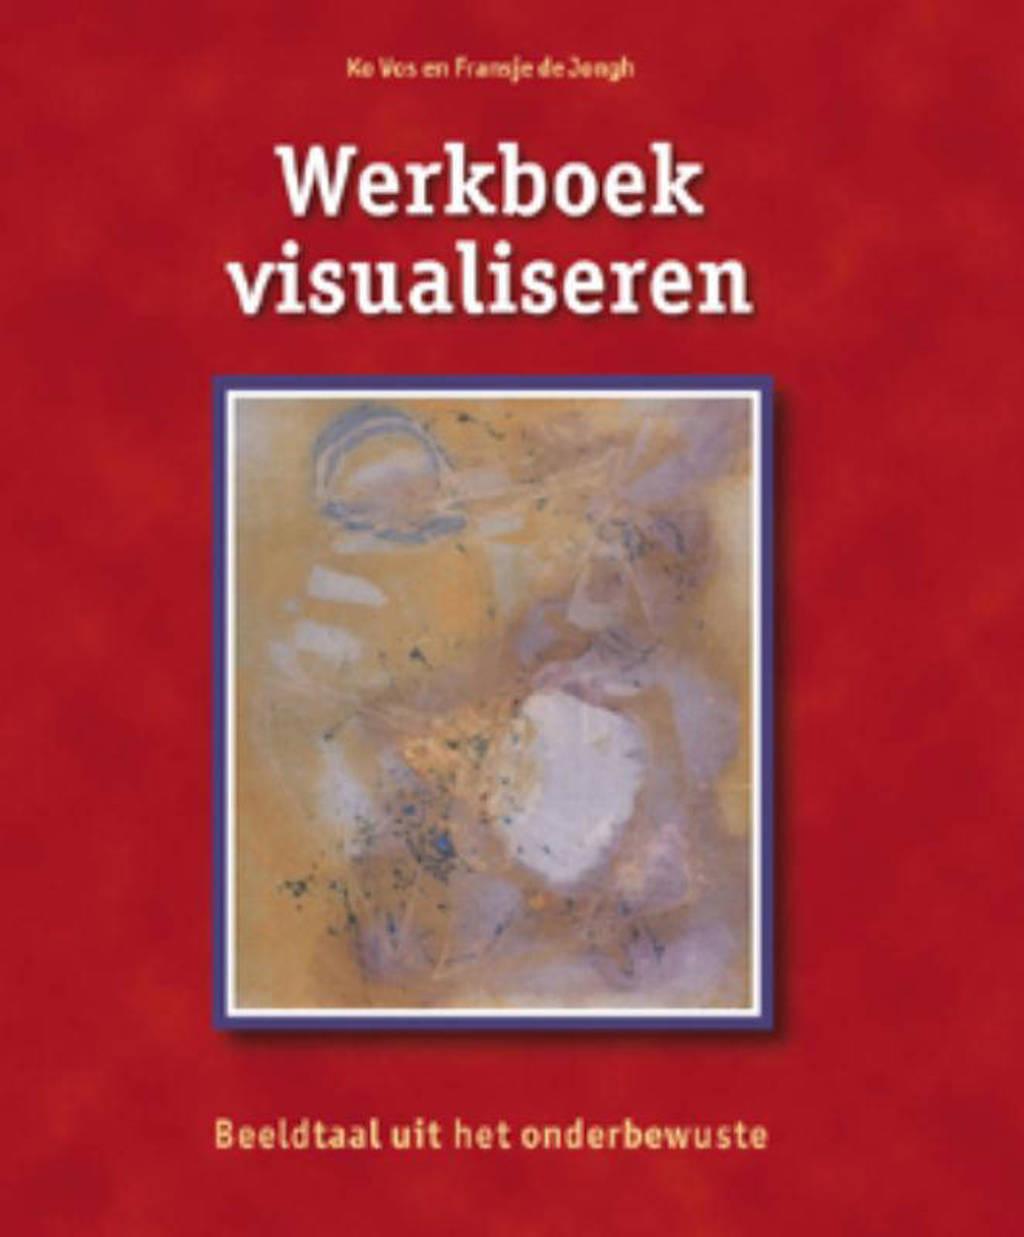 Werkboek Visualiseren - K. Vos en F. de Jongh